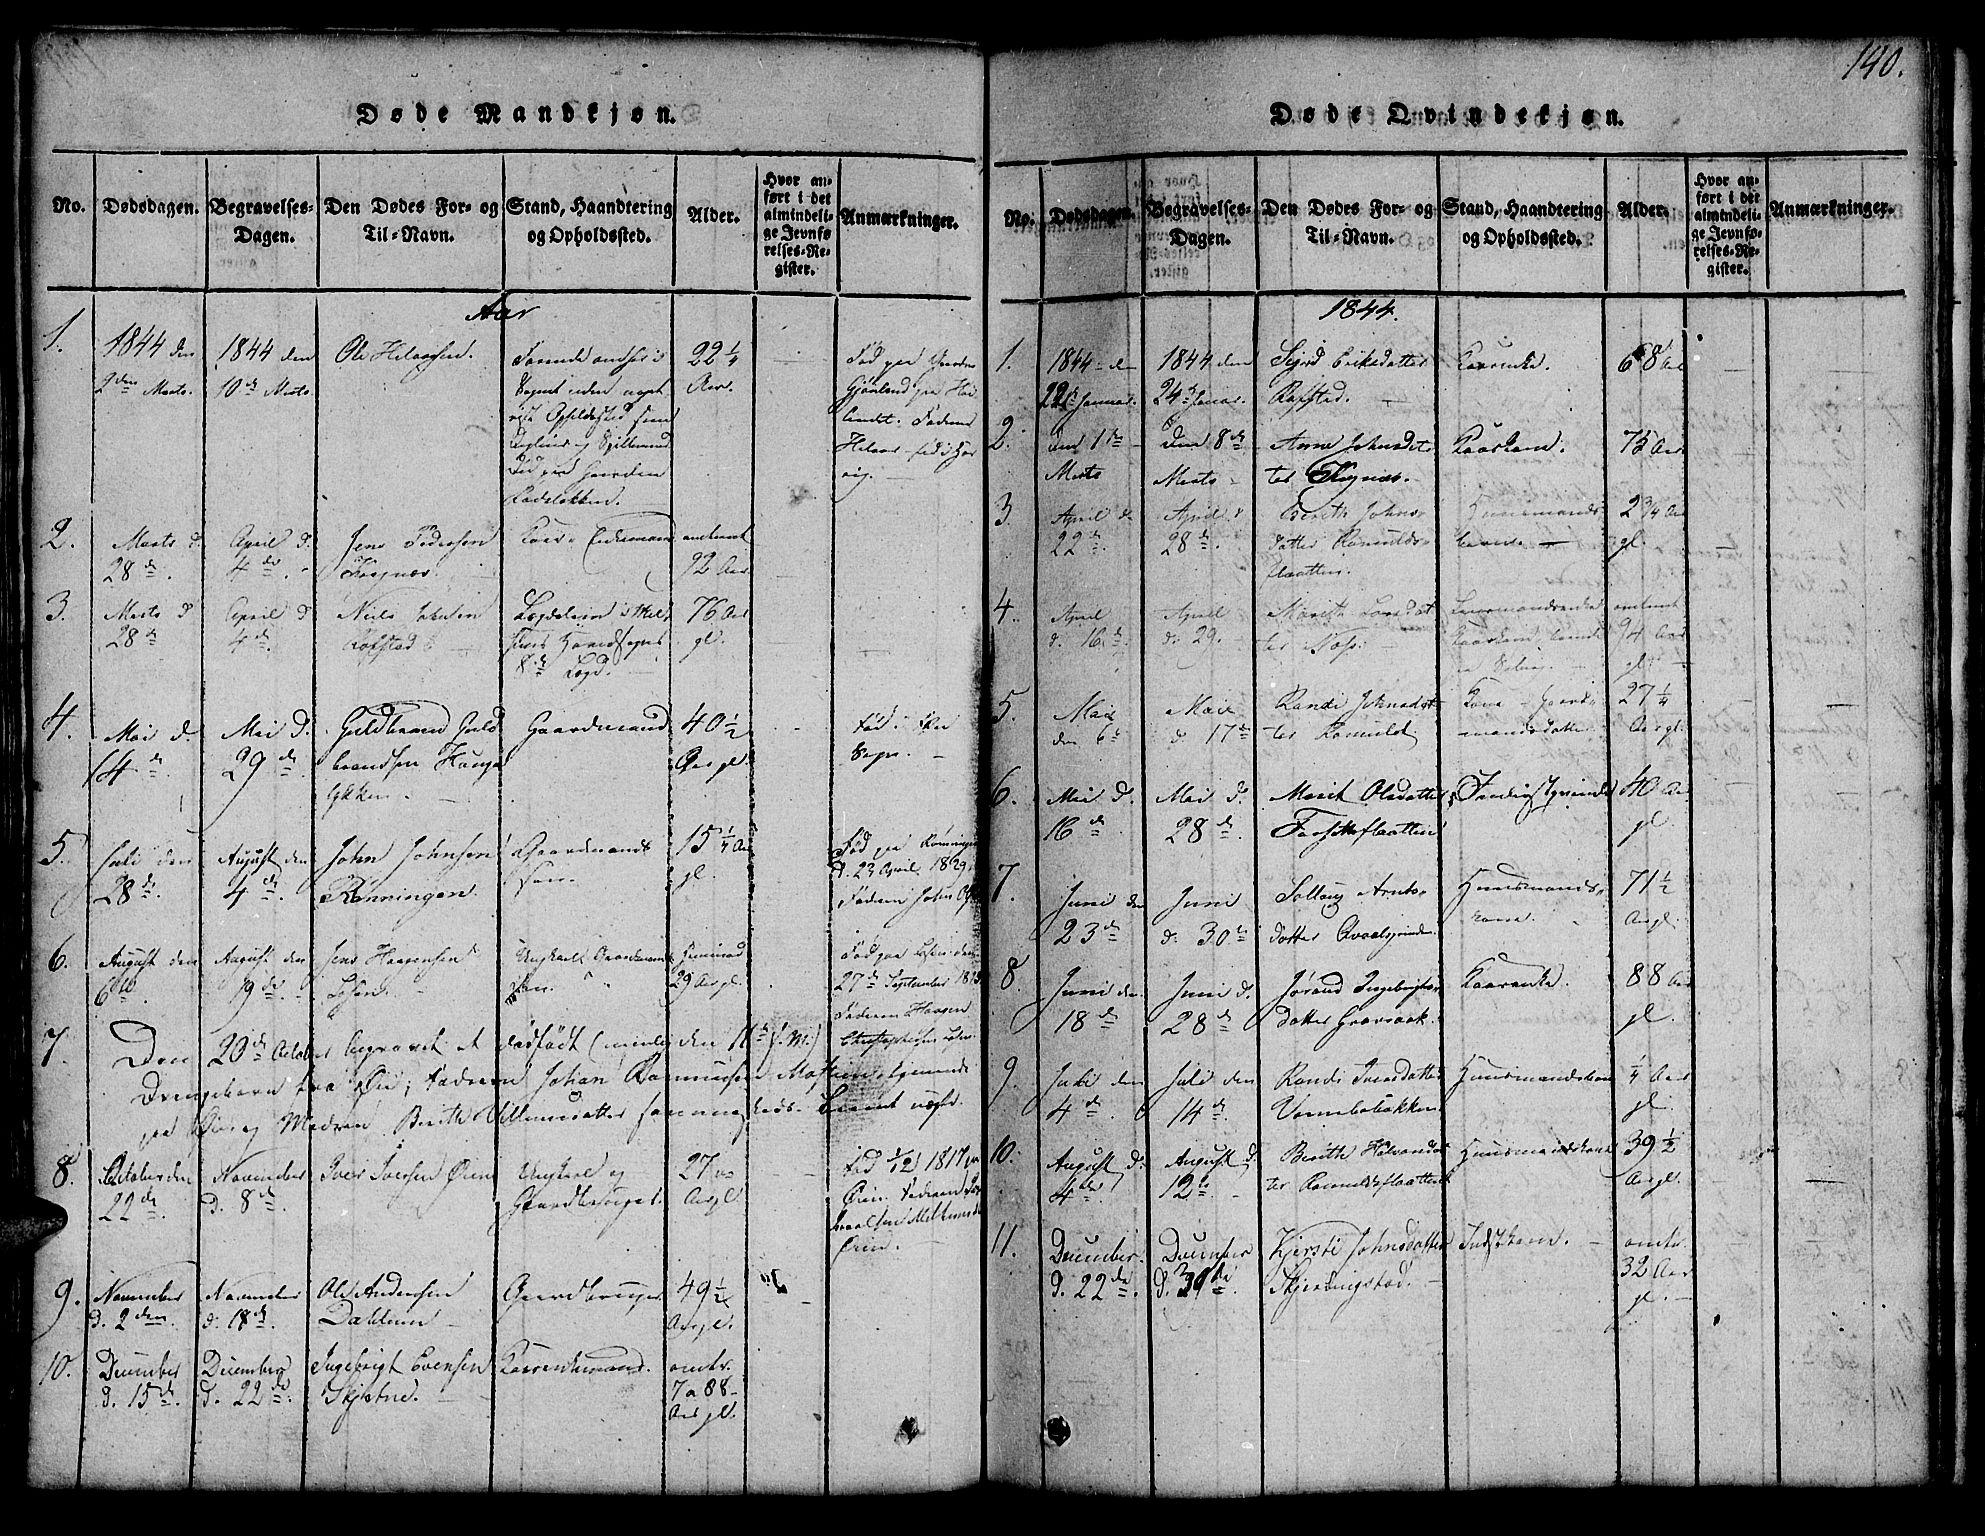 SAT, Ministerialprotokoller, klokkerbøker og fødselsregistre - Sør-Trøndelag, 691/L1092: Klokkerbok nr. 691C03, 1816-1852, s. 140